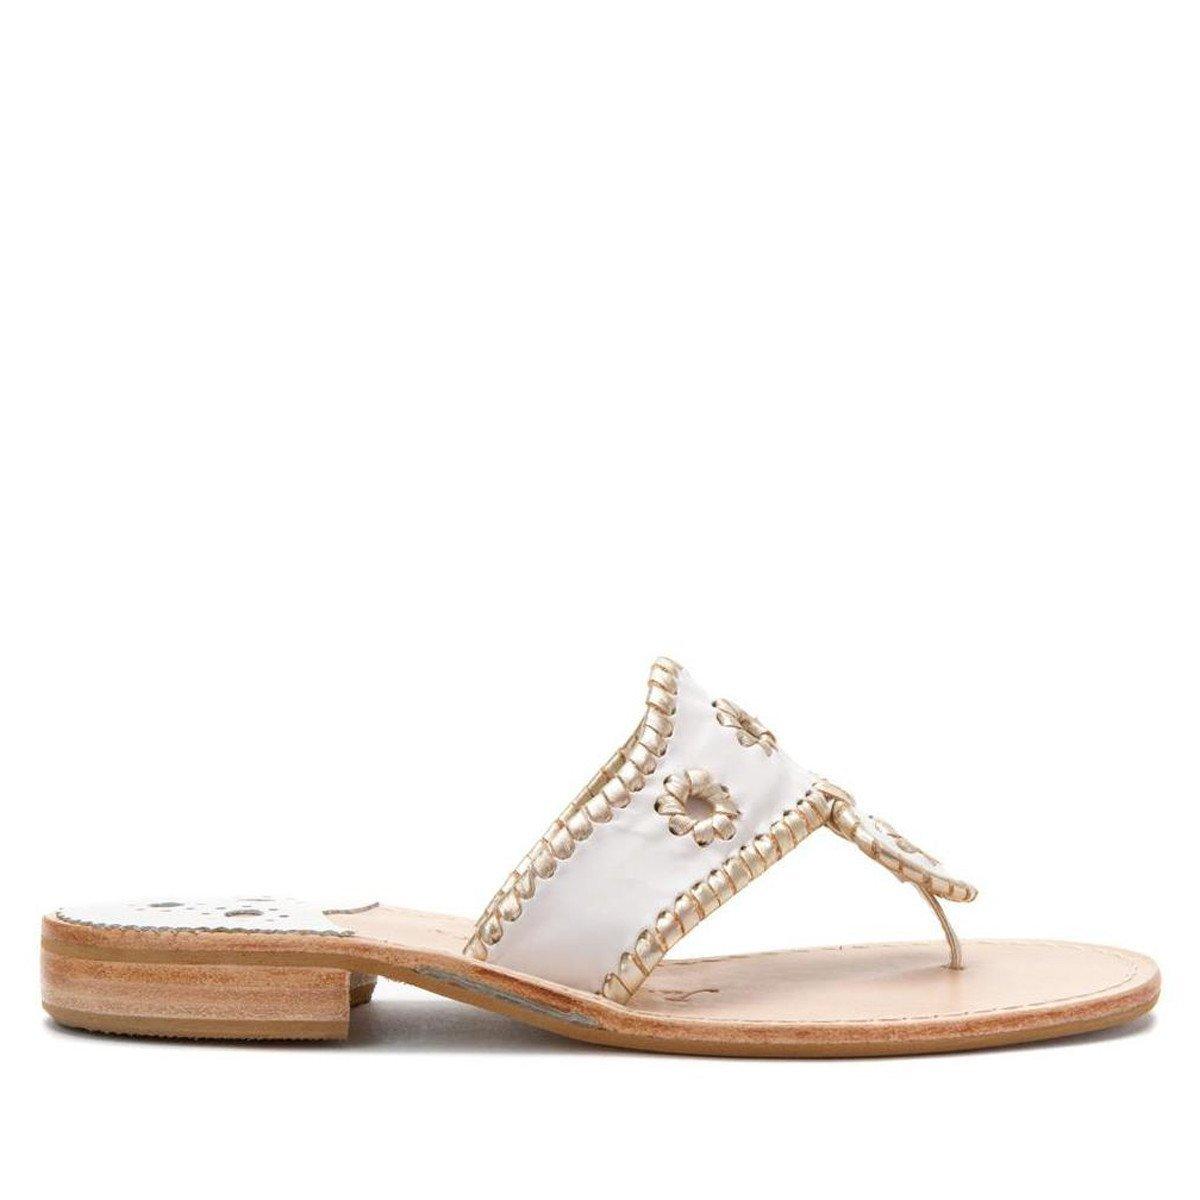 Jack Rogers Navajo Hampton- White Platinum Thong Sandal - Size: 10